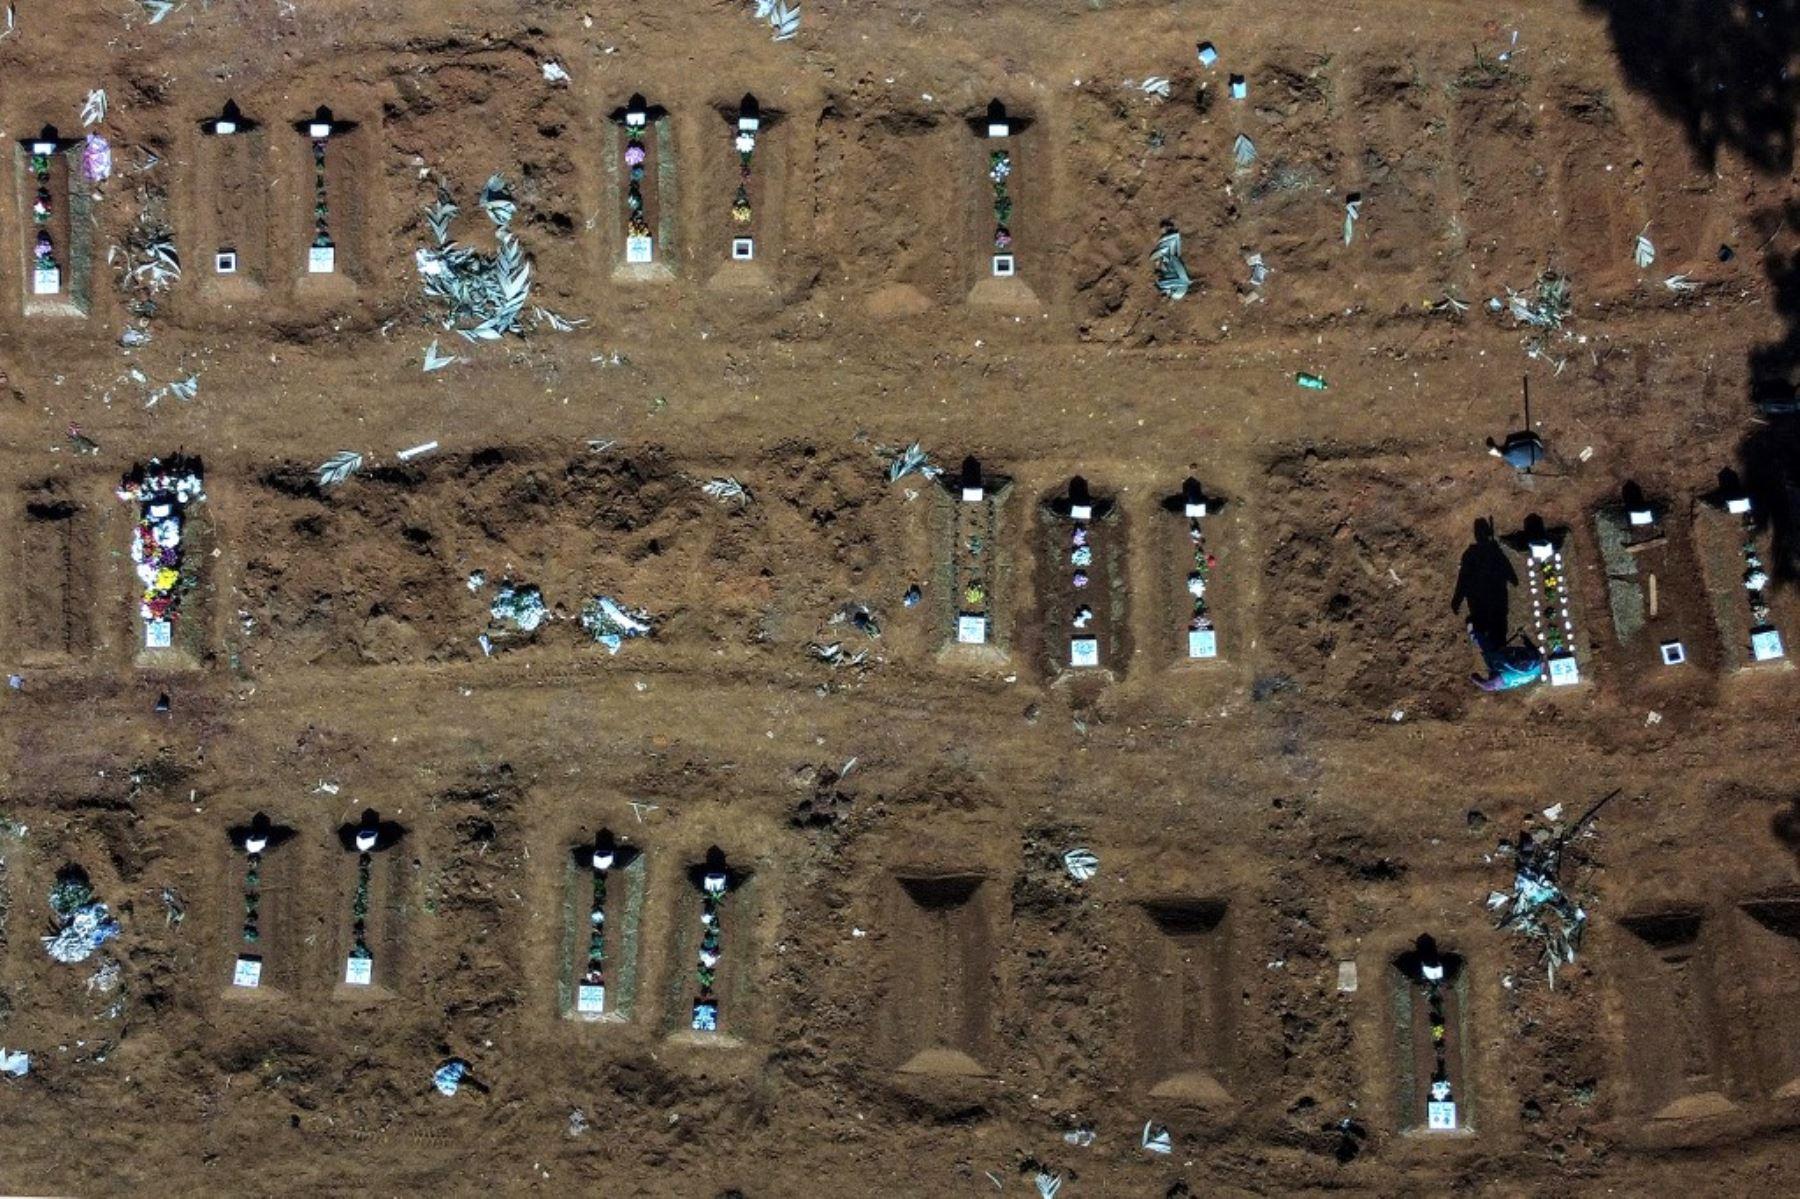 Vista aérea del cementerio de Vila Formosa, en las afueras de Sao Paulo, Brasil. Foto: AFP